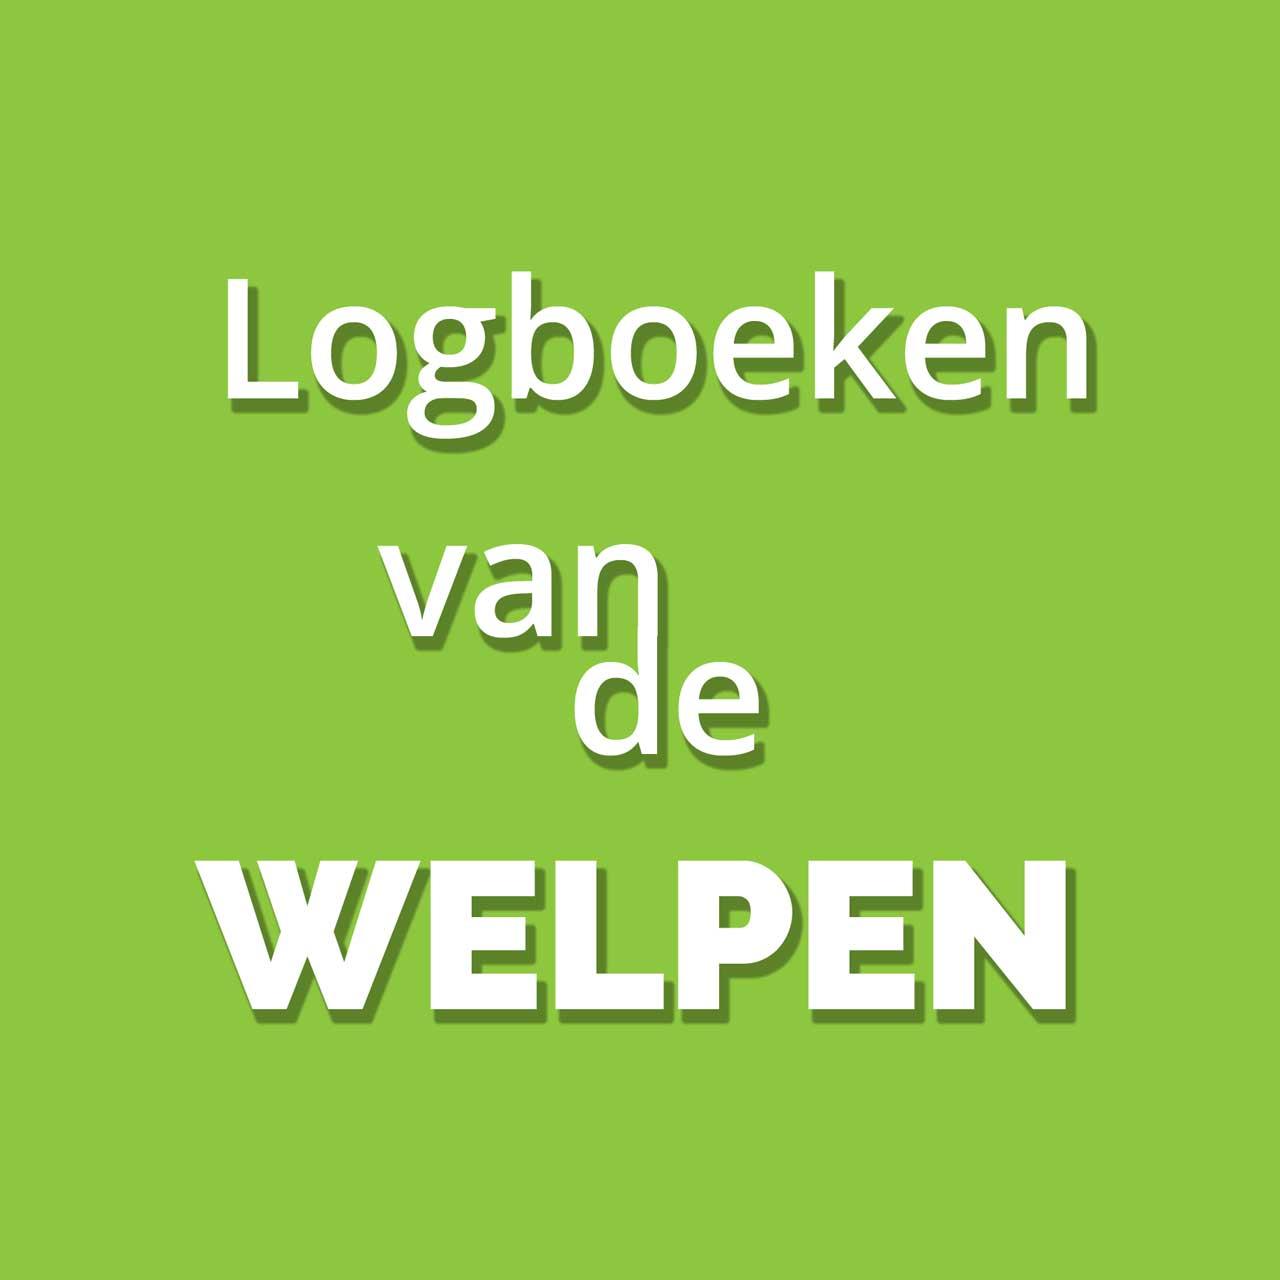 Logboeken van de Welpen hordes - Scouting De Jutters uit Groningen